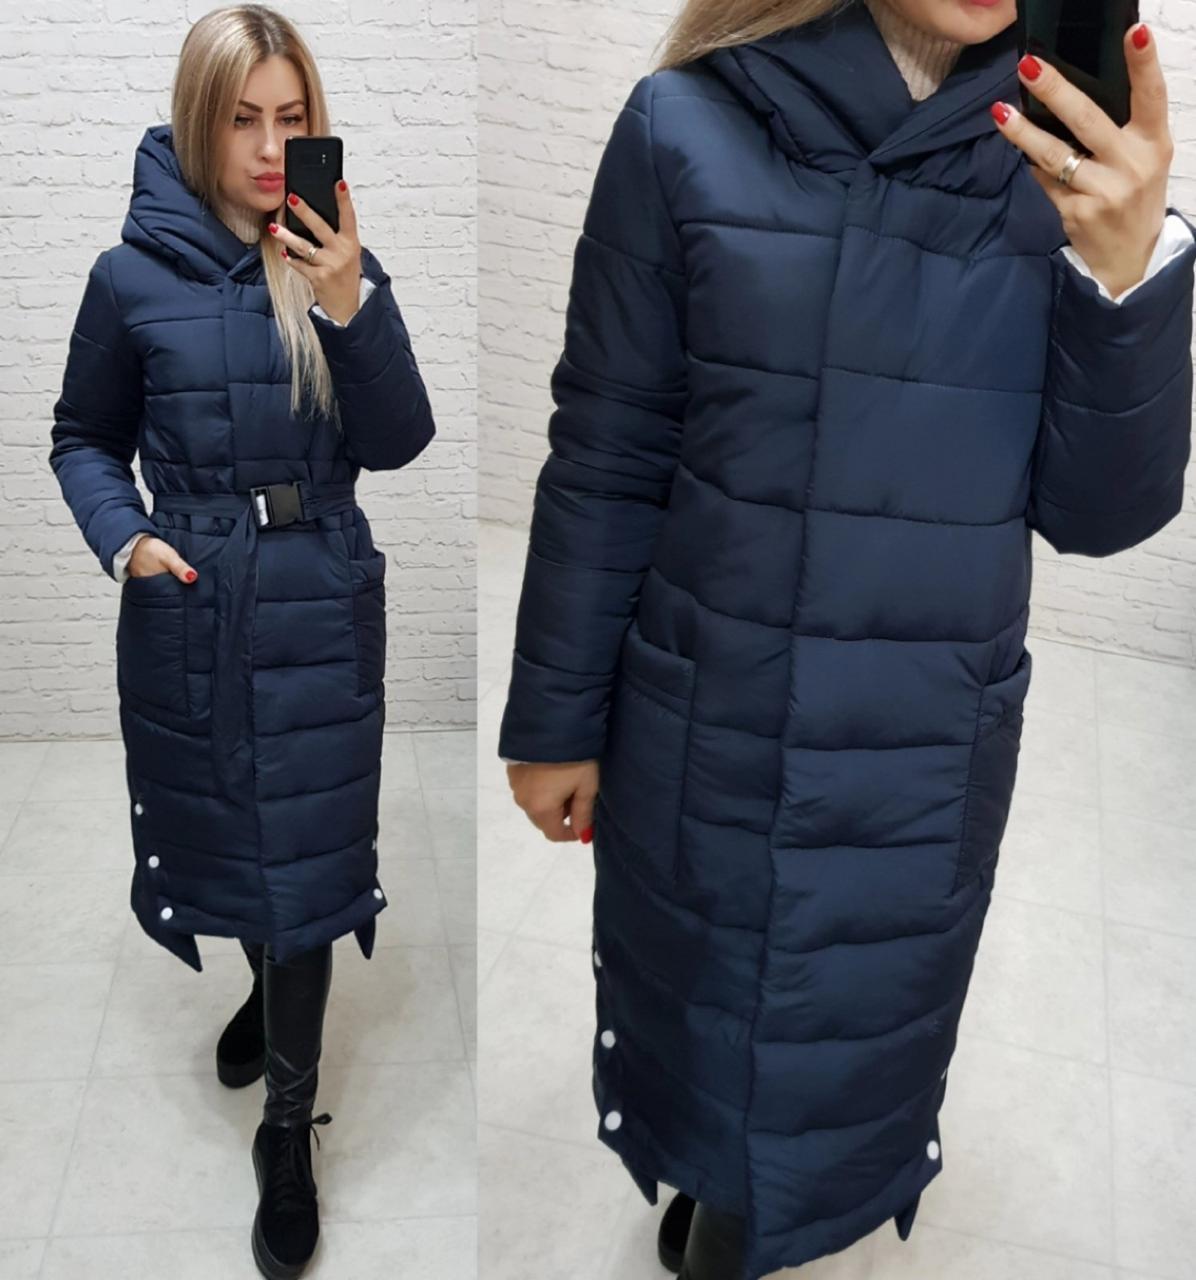 Зимняя приталенная куртка пуховик с поясом, артикул 032, цвет синий